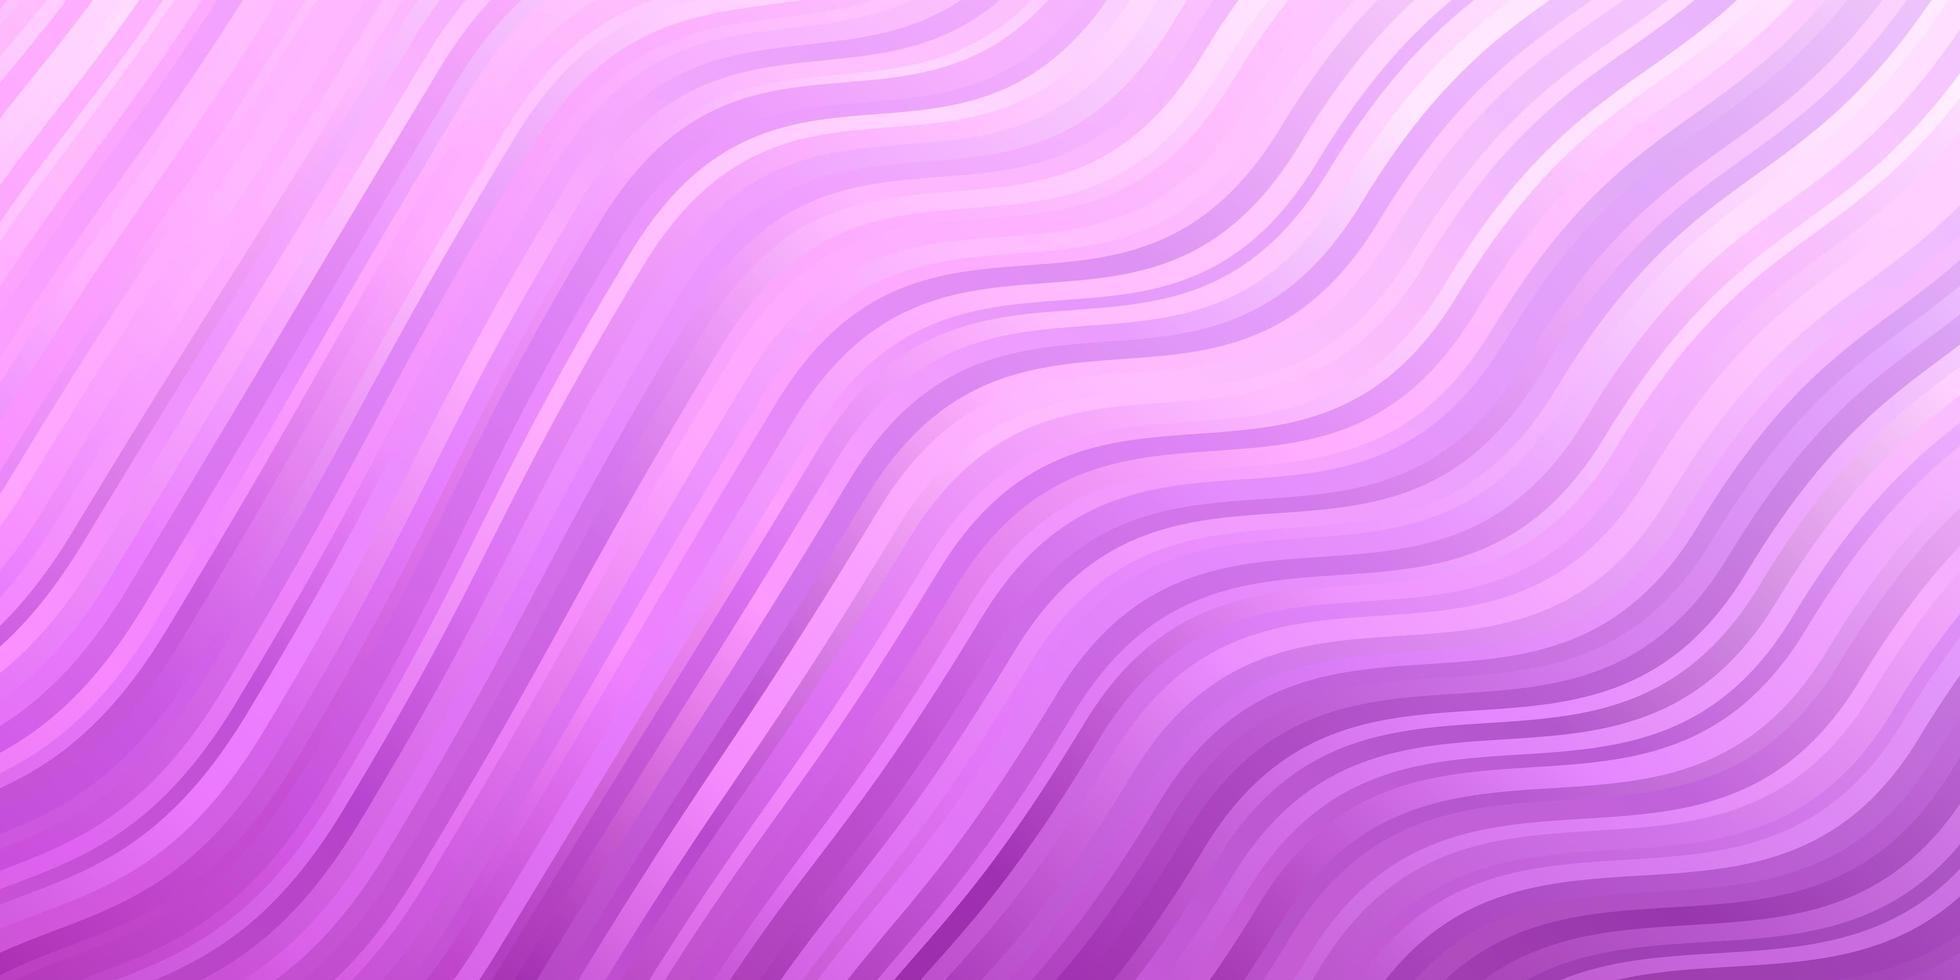 pano de fundo rosa claro com linhas dobradas. vetor